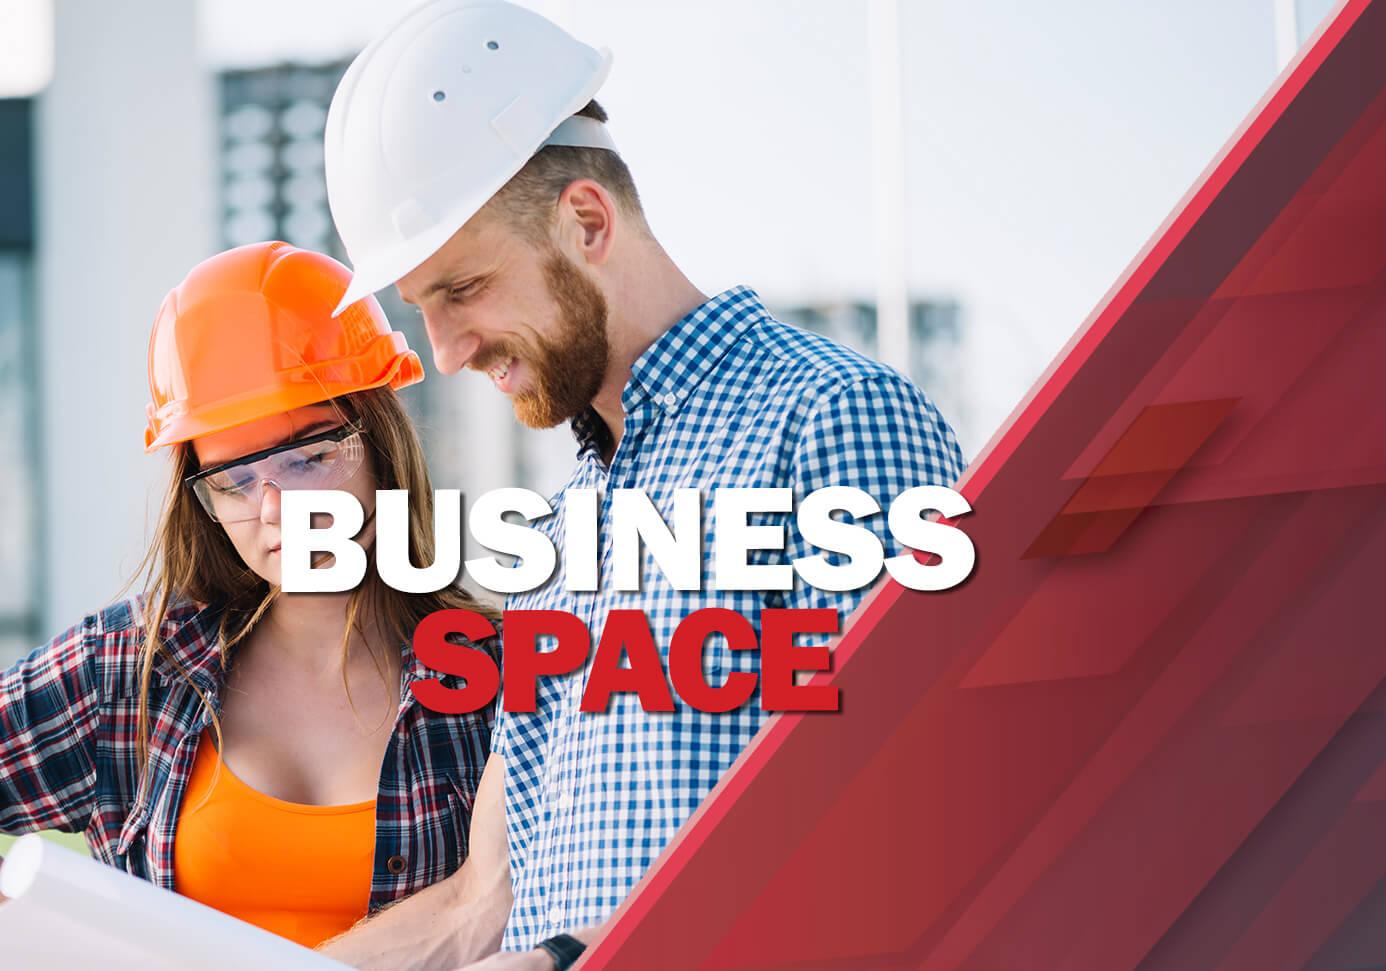 planetspacestorage-businessspace